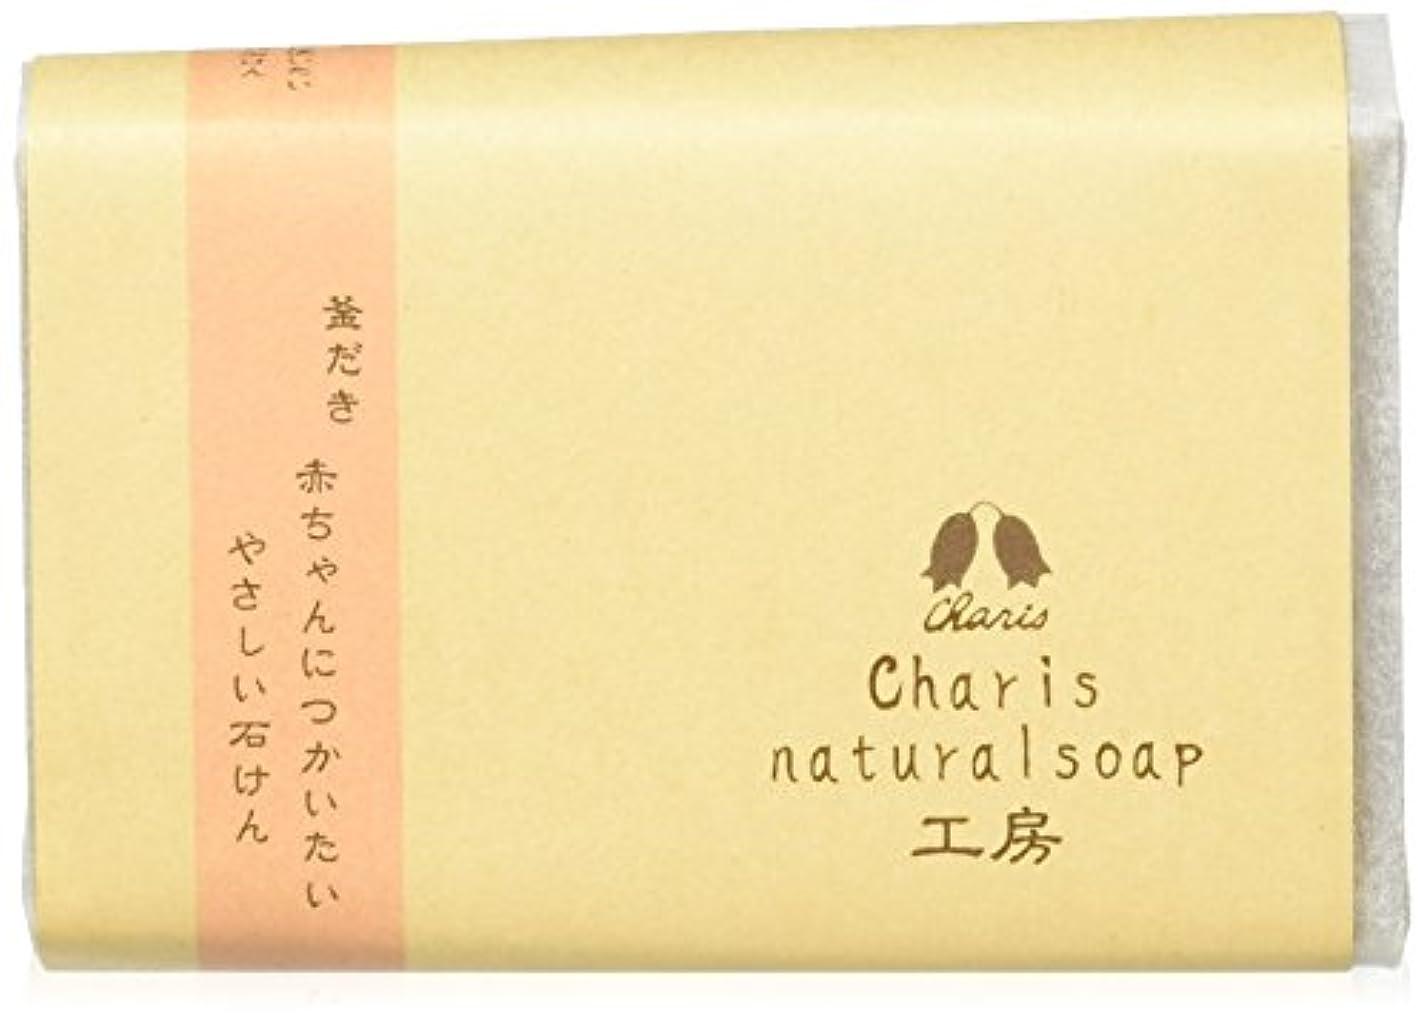 フォーマット巧みな老人カリス ナチュラルソープ工房 赤ちゃんにつかいたいやさしい石鹸 90g [釜炊き製法]